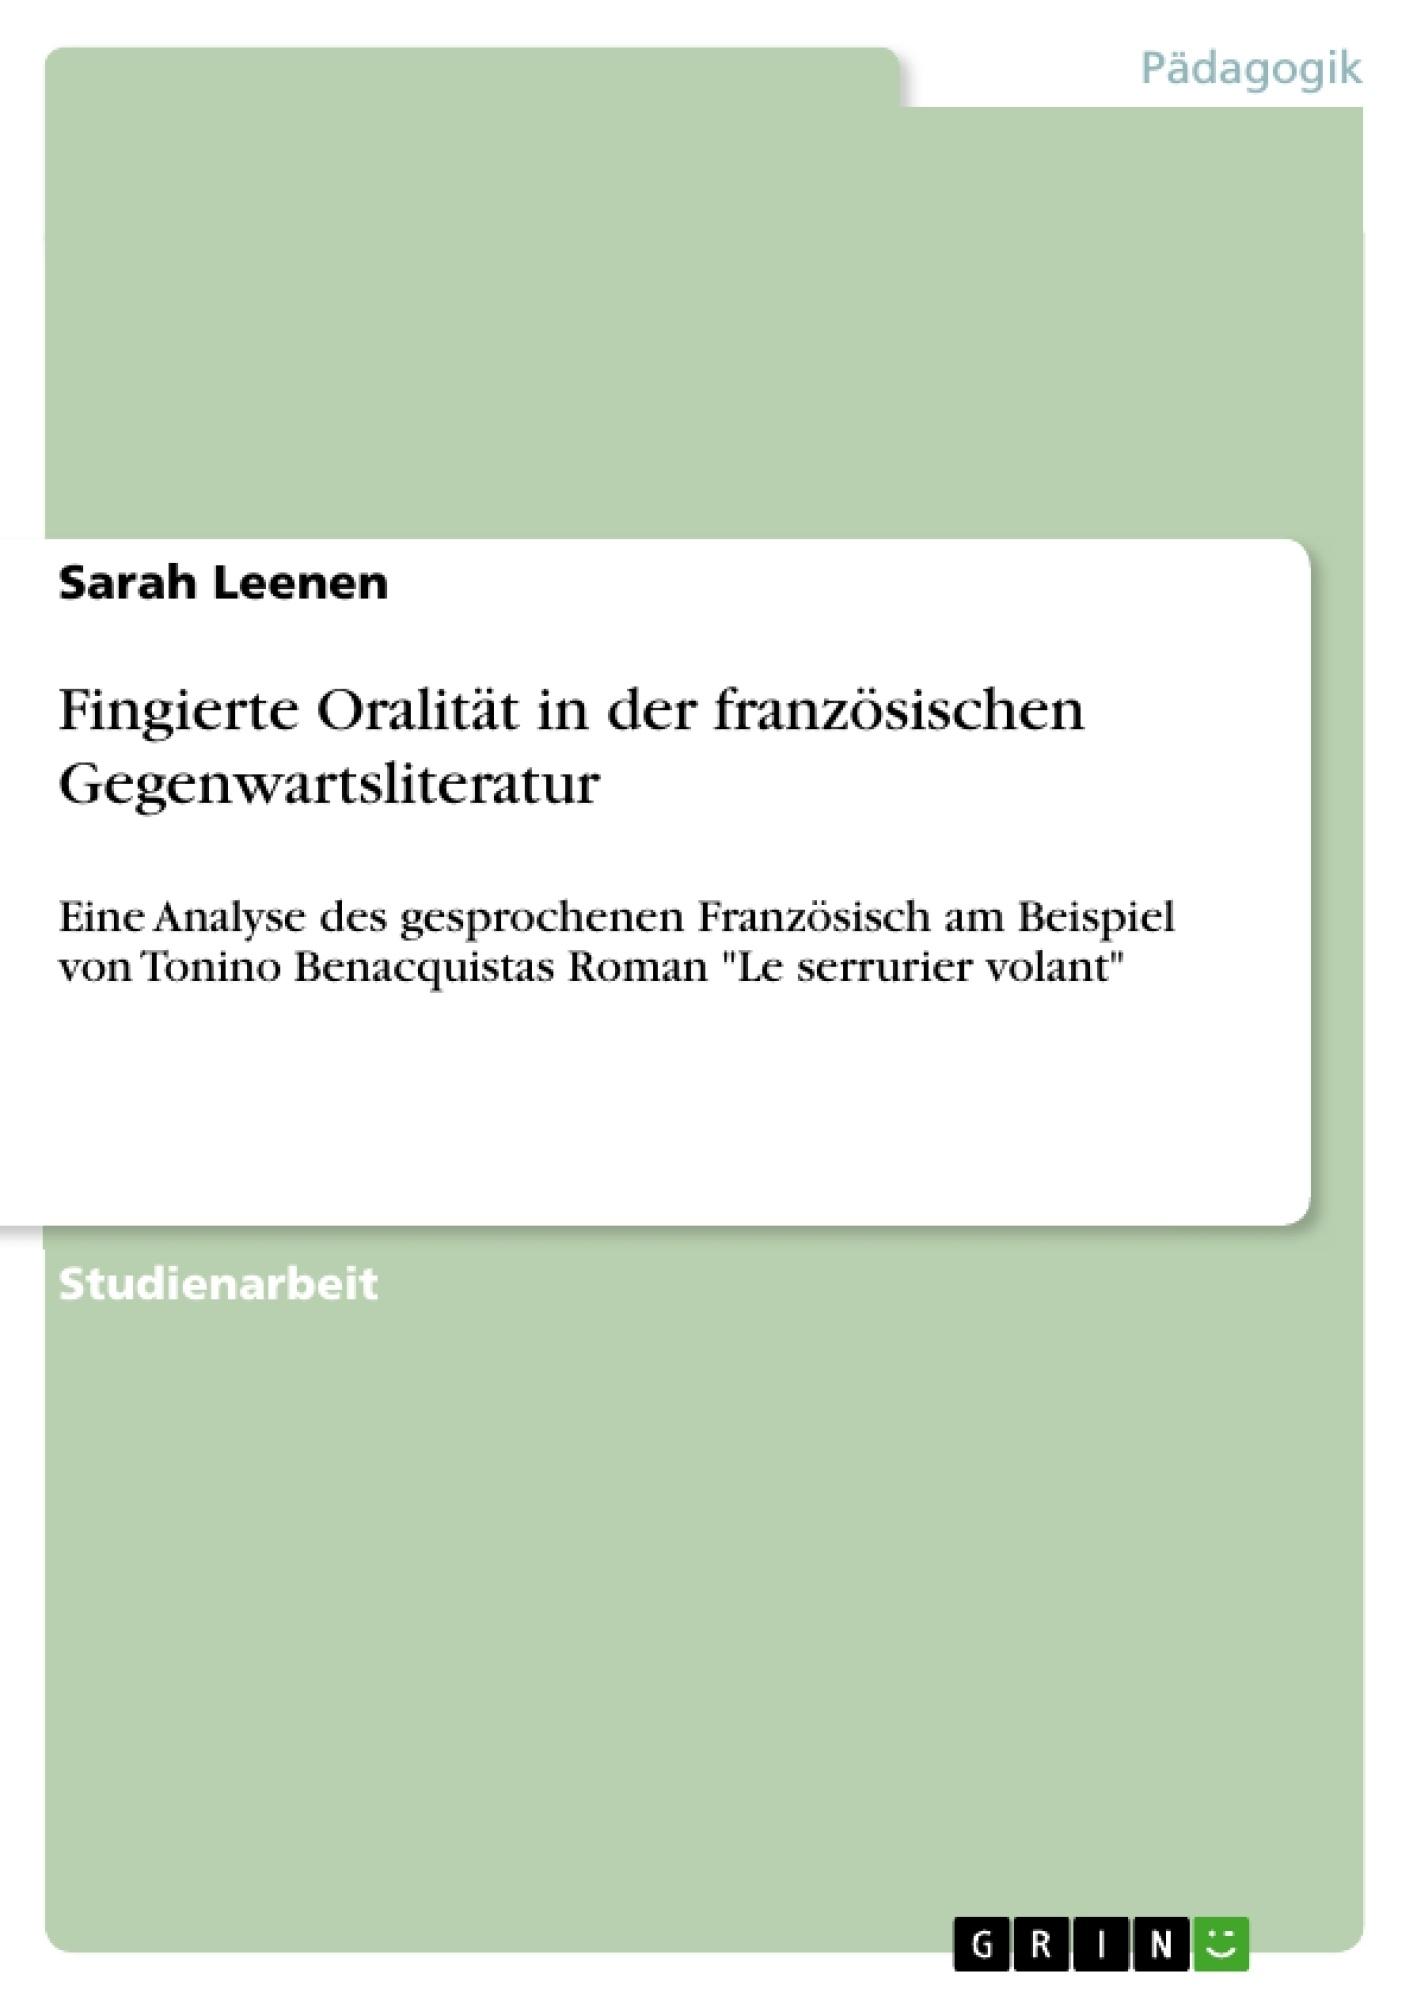 Titel: Fingierte Oralität in der französischen Gegenwartsliteratur